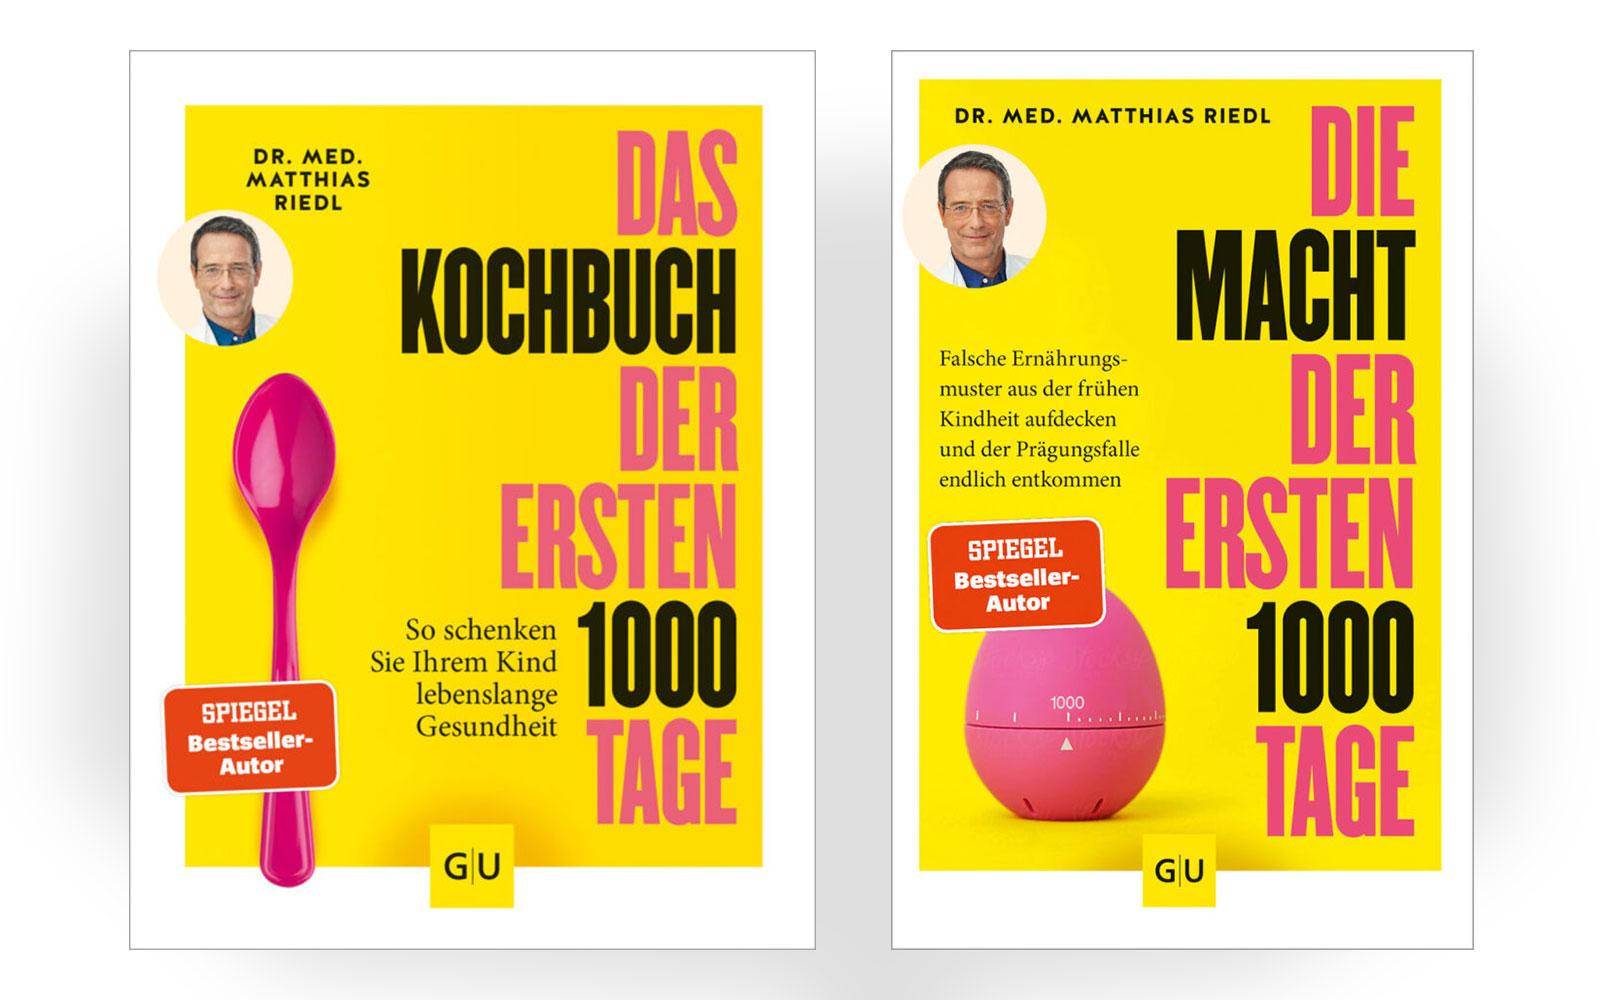 Die zwei Veröffentlichungen von Dr. Riedl zum Thema